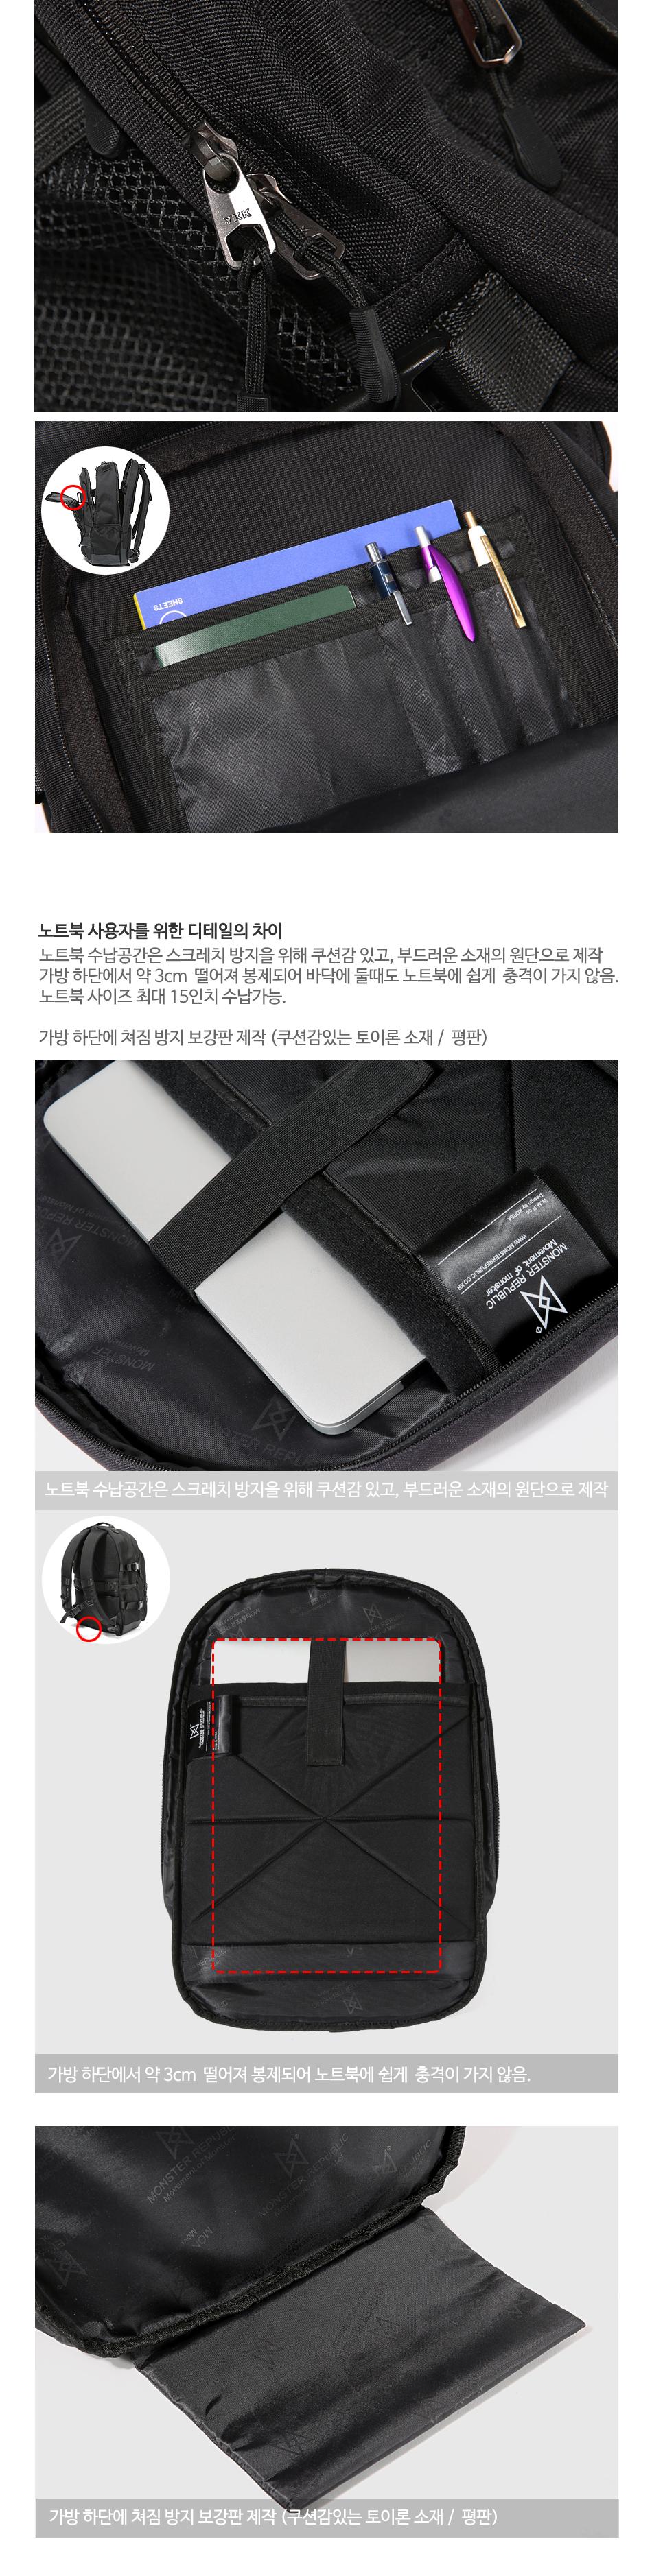 [사은품 증정] MONSTER SCOTCH LOGO BACKPACK / BLACK